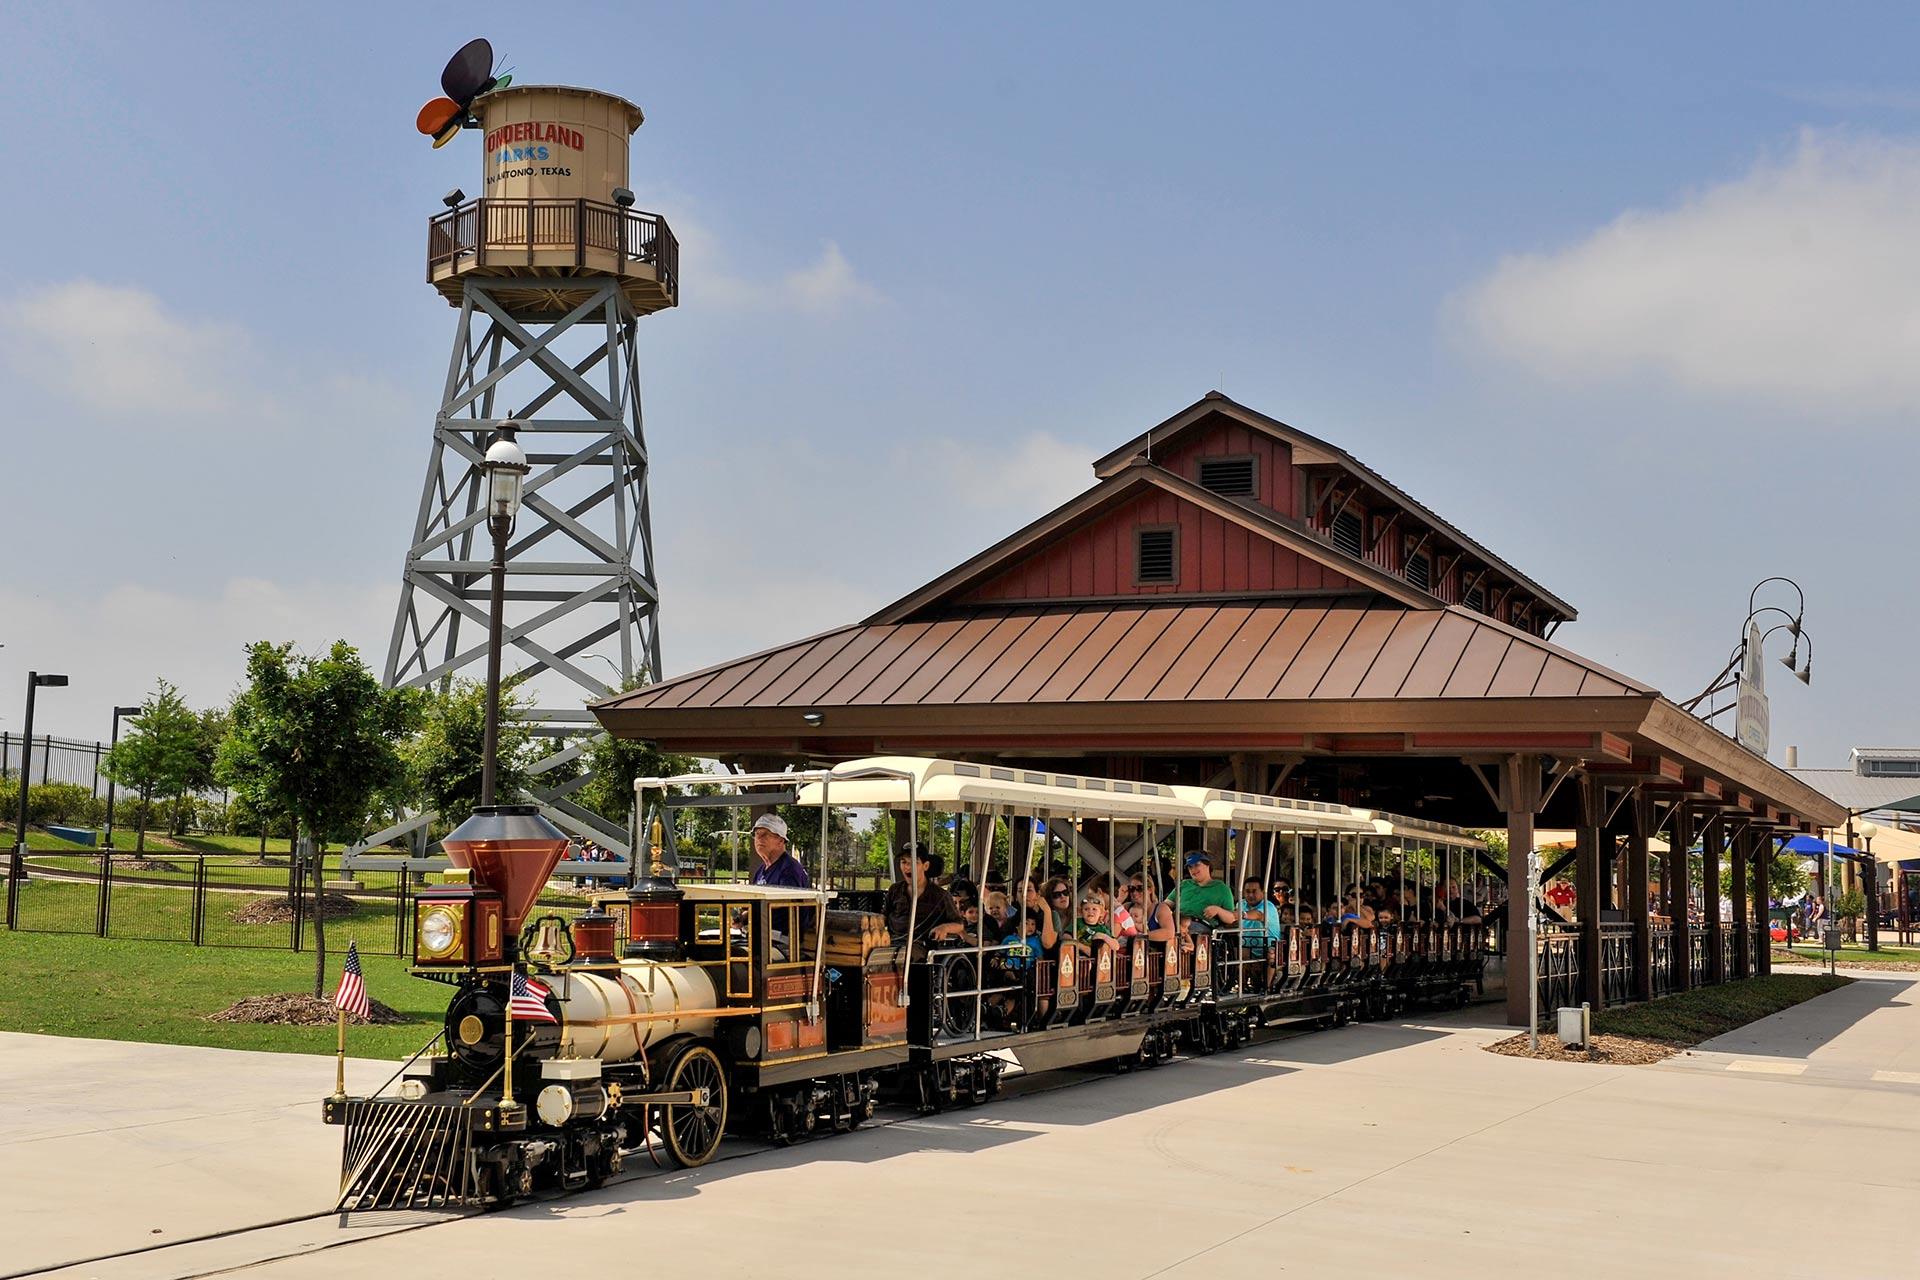 Morgan's Wonderland in San Antonio, Texas.